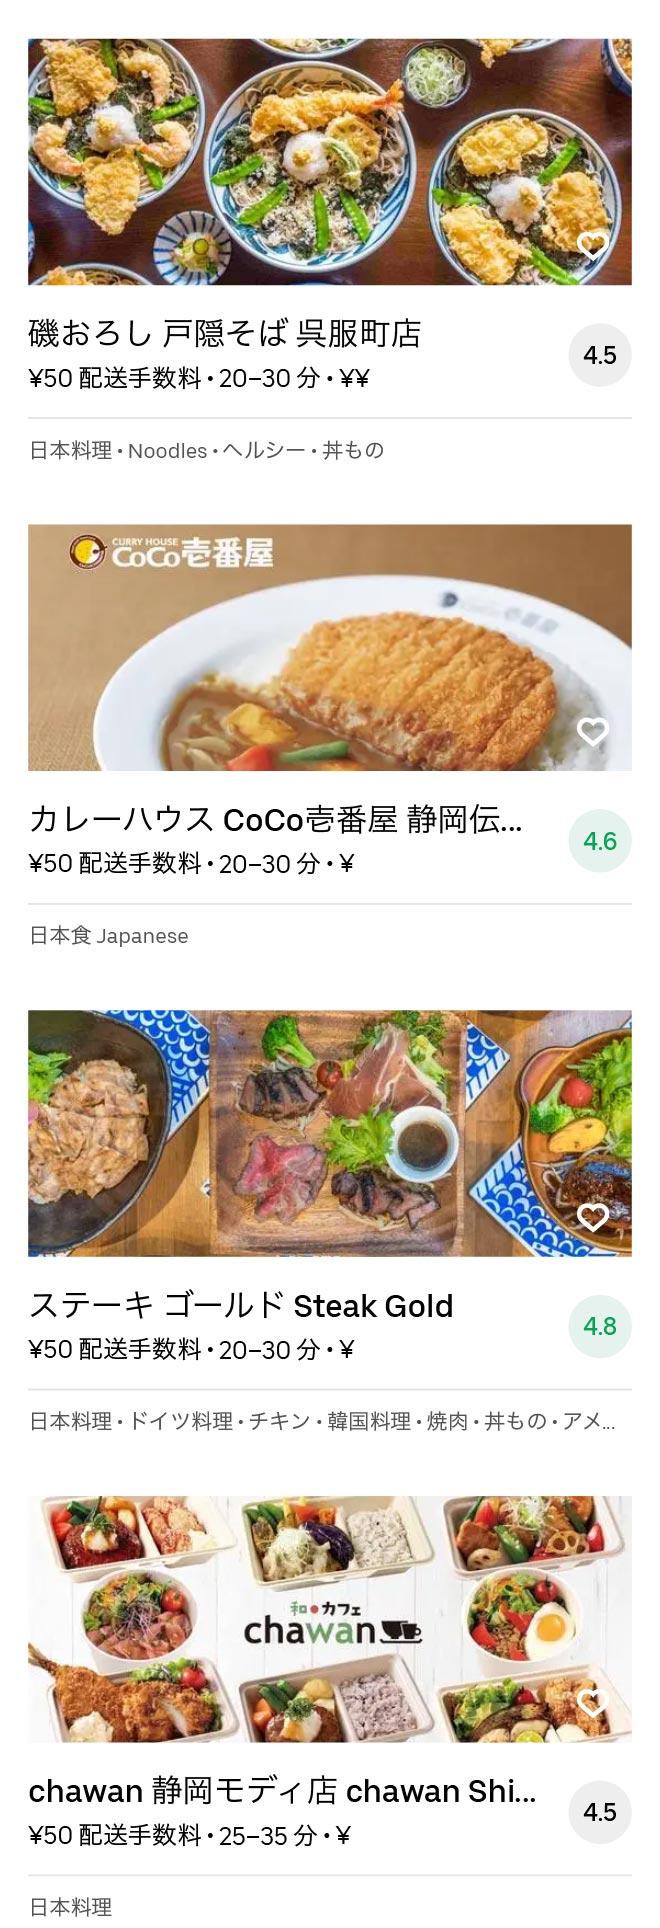 Shizuoka menu 2010 04